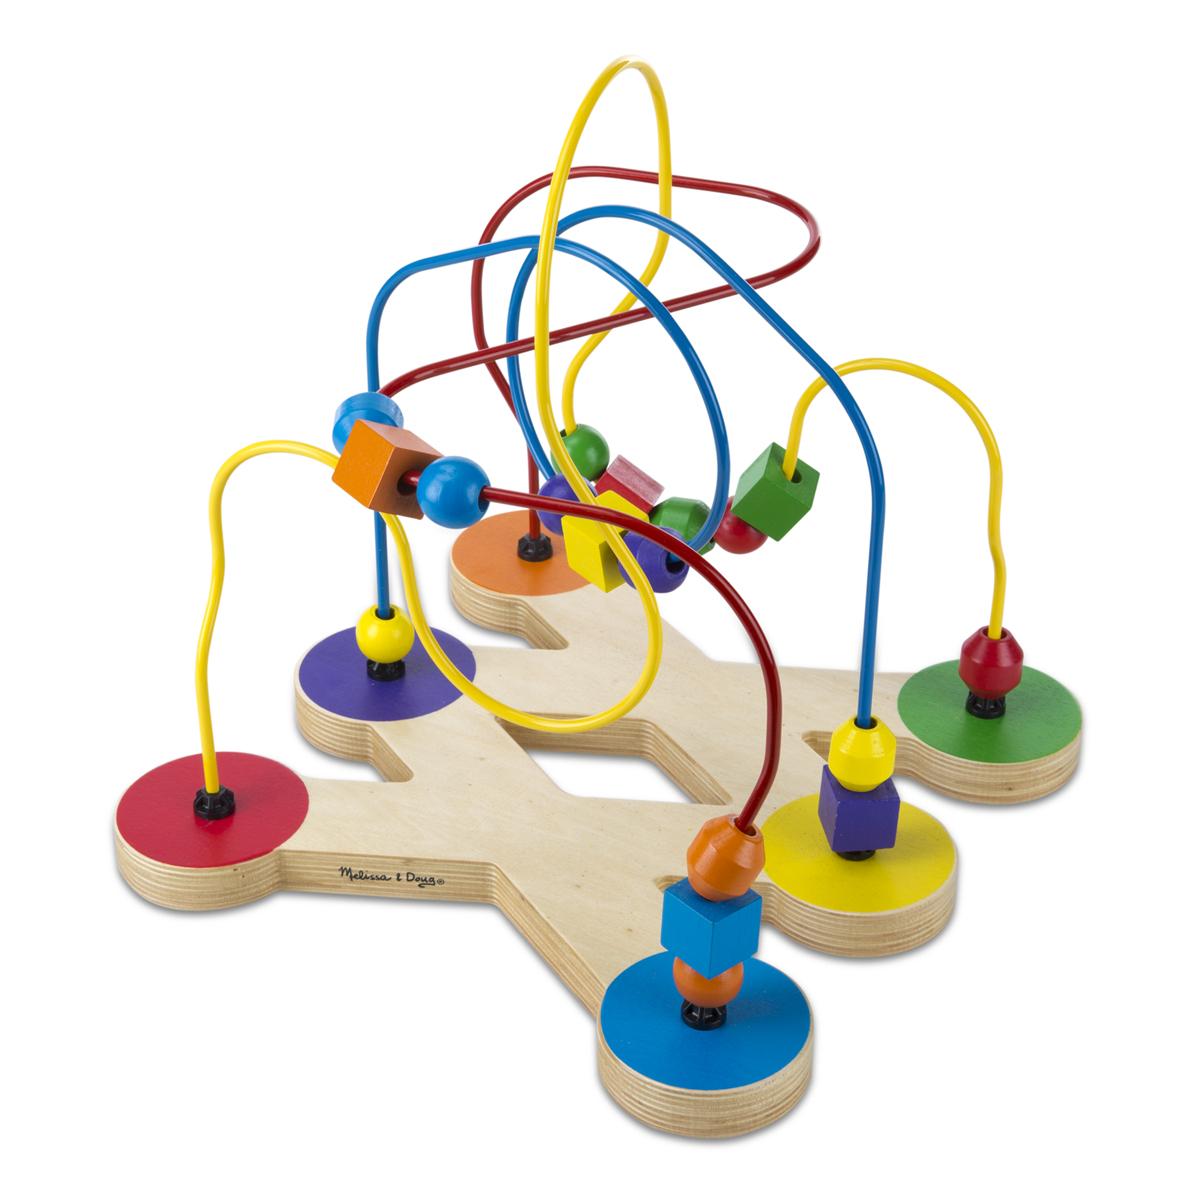 Лабиринт с бусинами из серии Классические игрушкиЛабиринты<br>Лабиринт с бусинами из серии Классические игрушки<br>